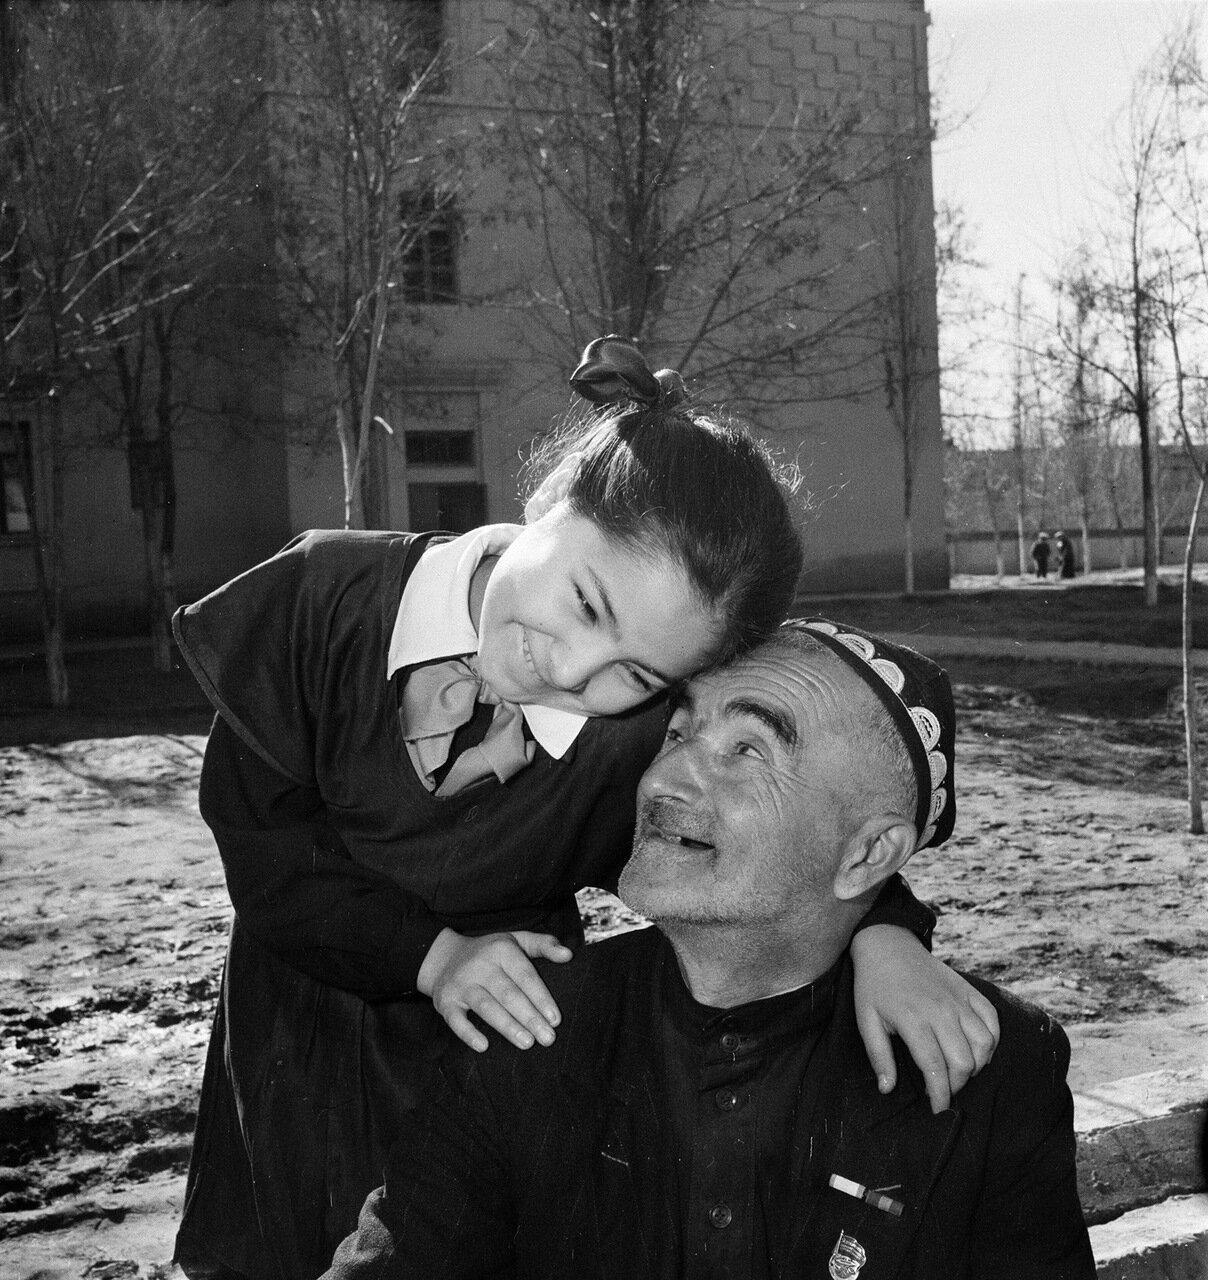 Пулат Бабадзаров, мастер трепального цеха Ташкентского текстильного комбината, с дочкой Мамлакат. 1958